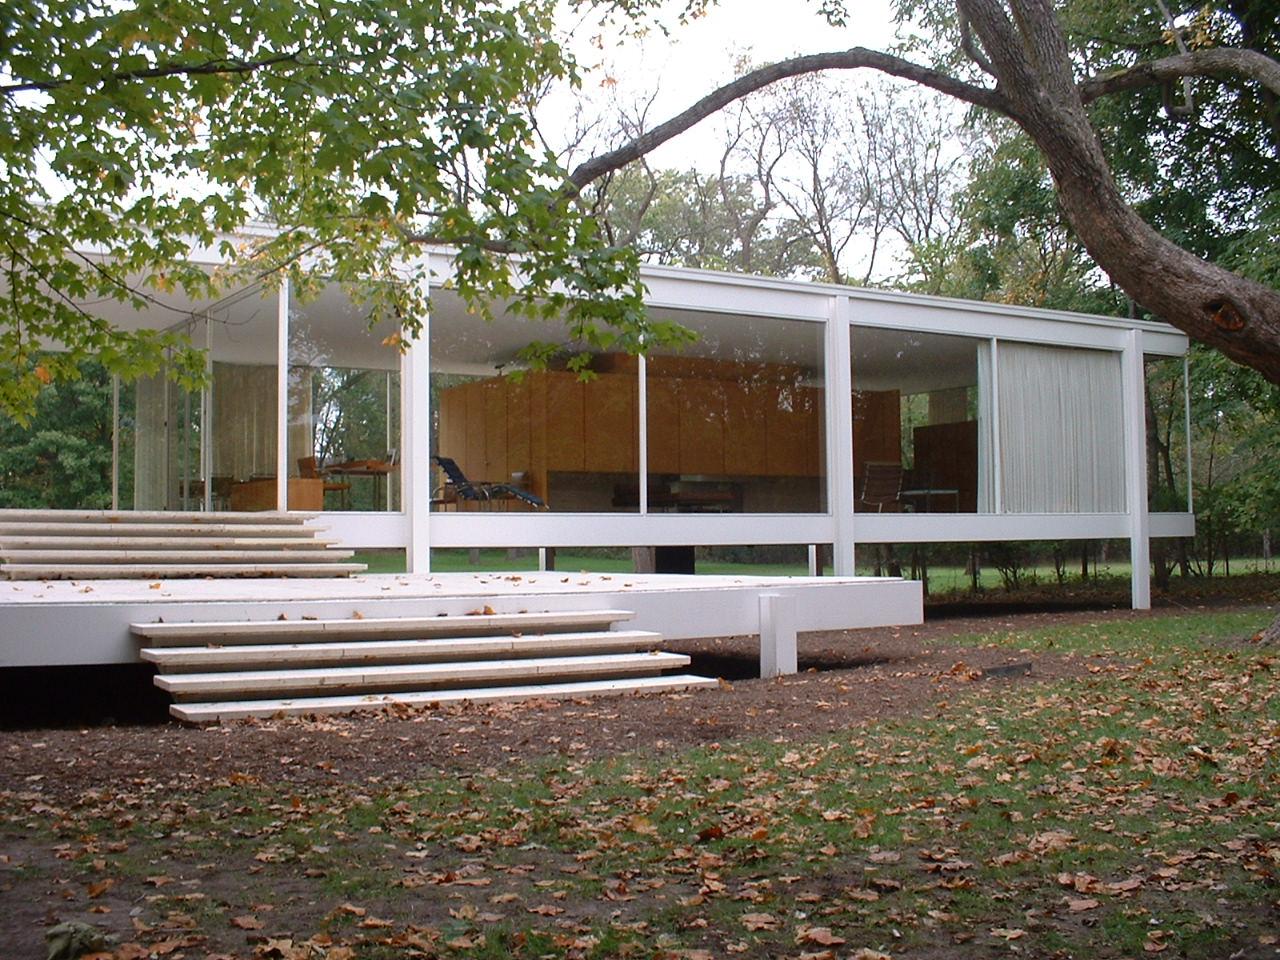 Habita o 1 2 3 casas antigas for Casa minimalista de mies van der rohe